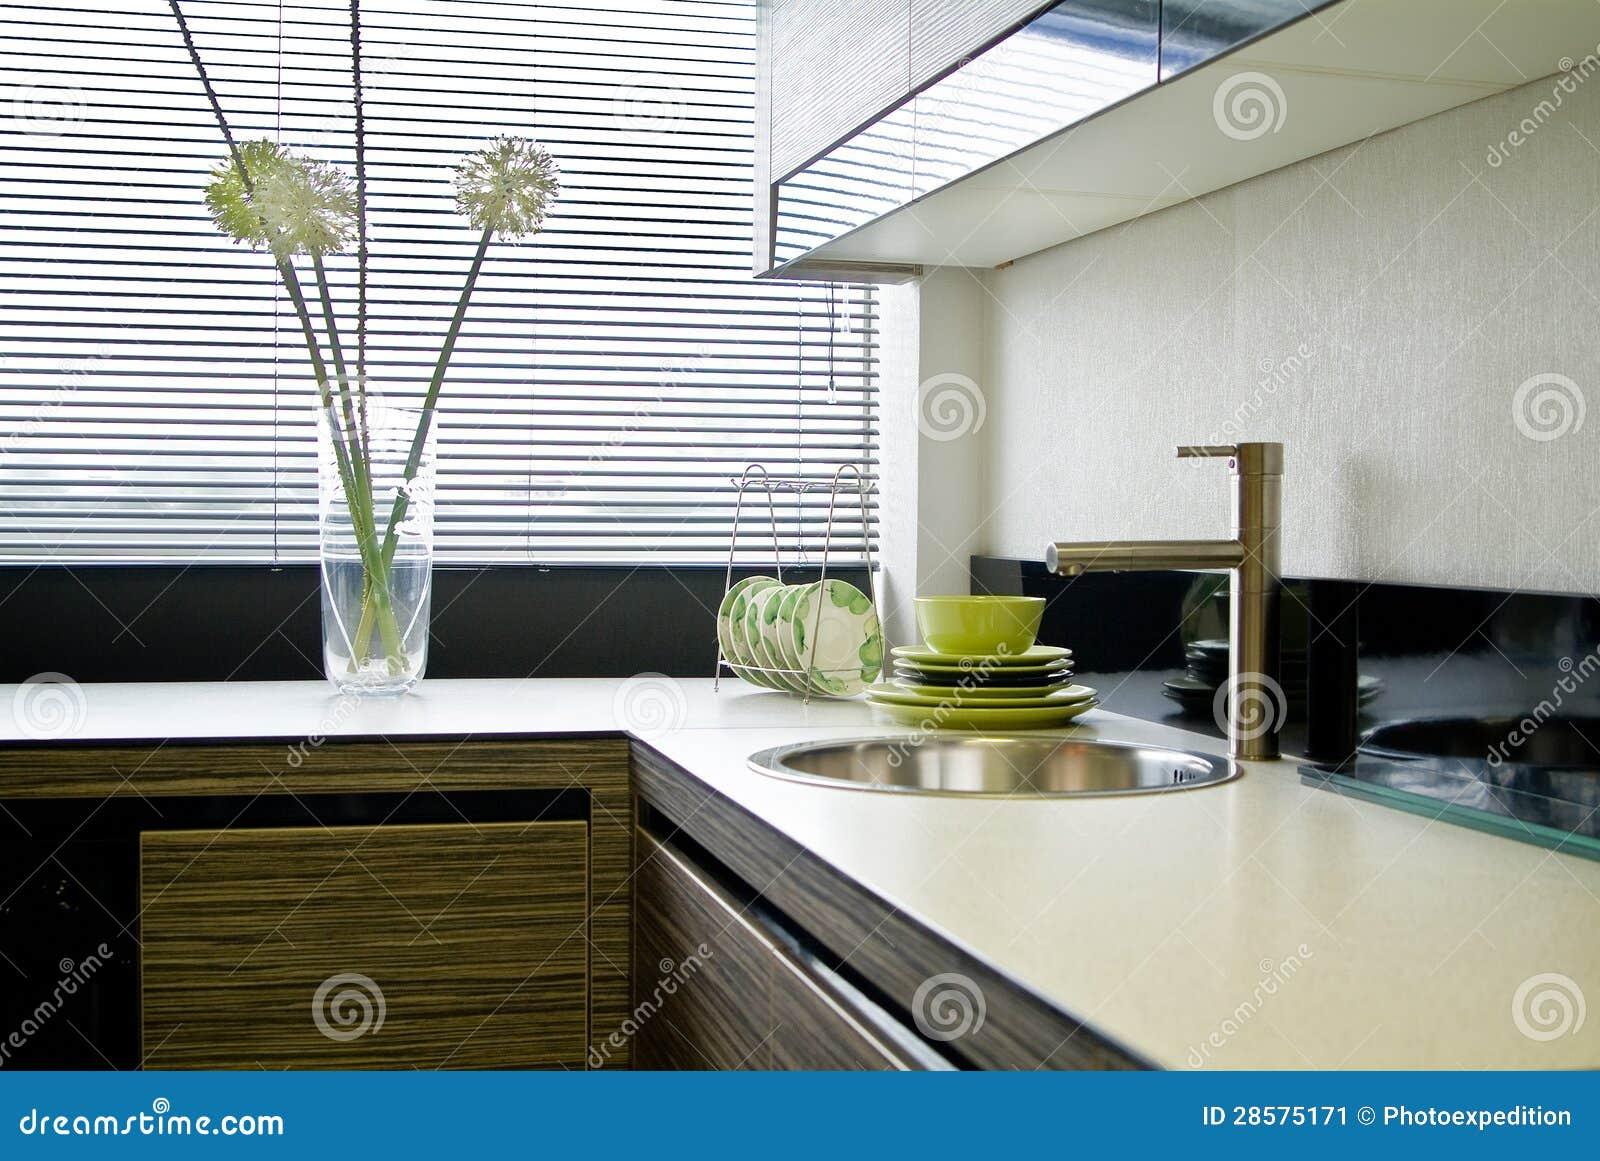 Het binnenland van de keuken met jaloezie